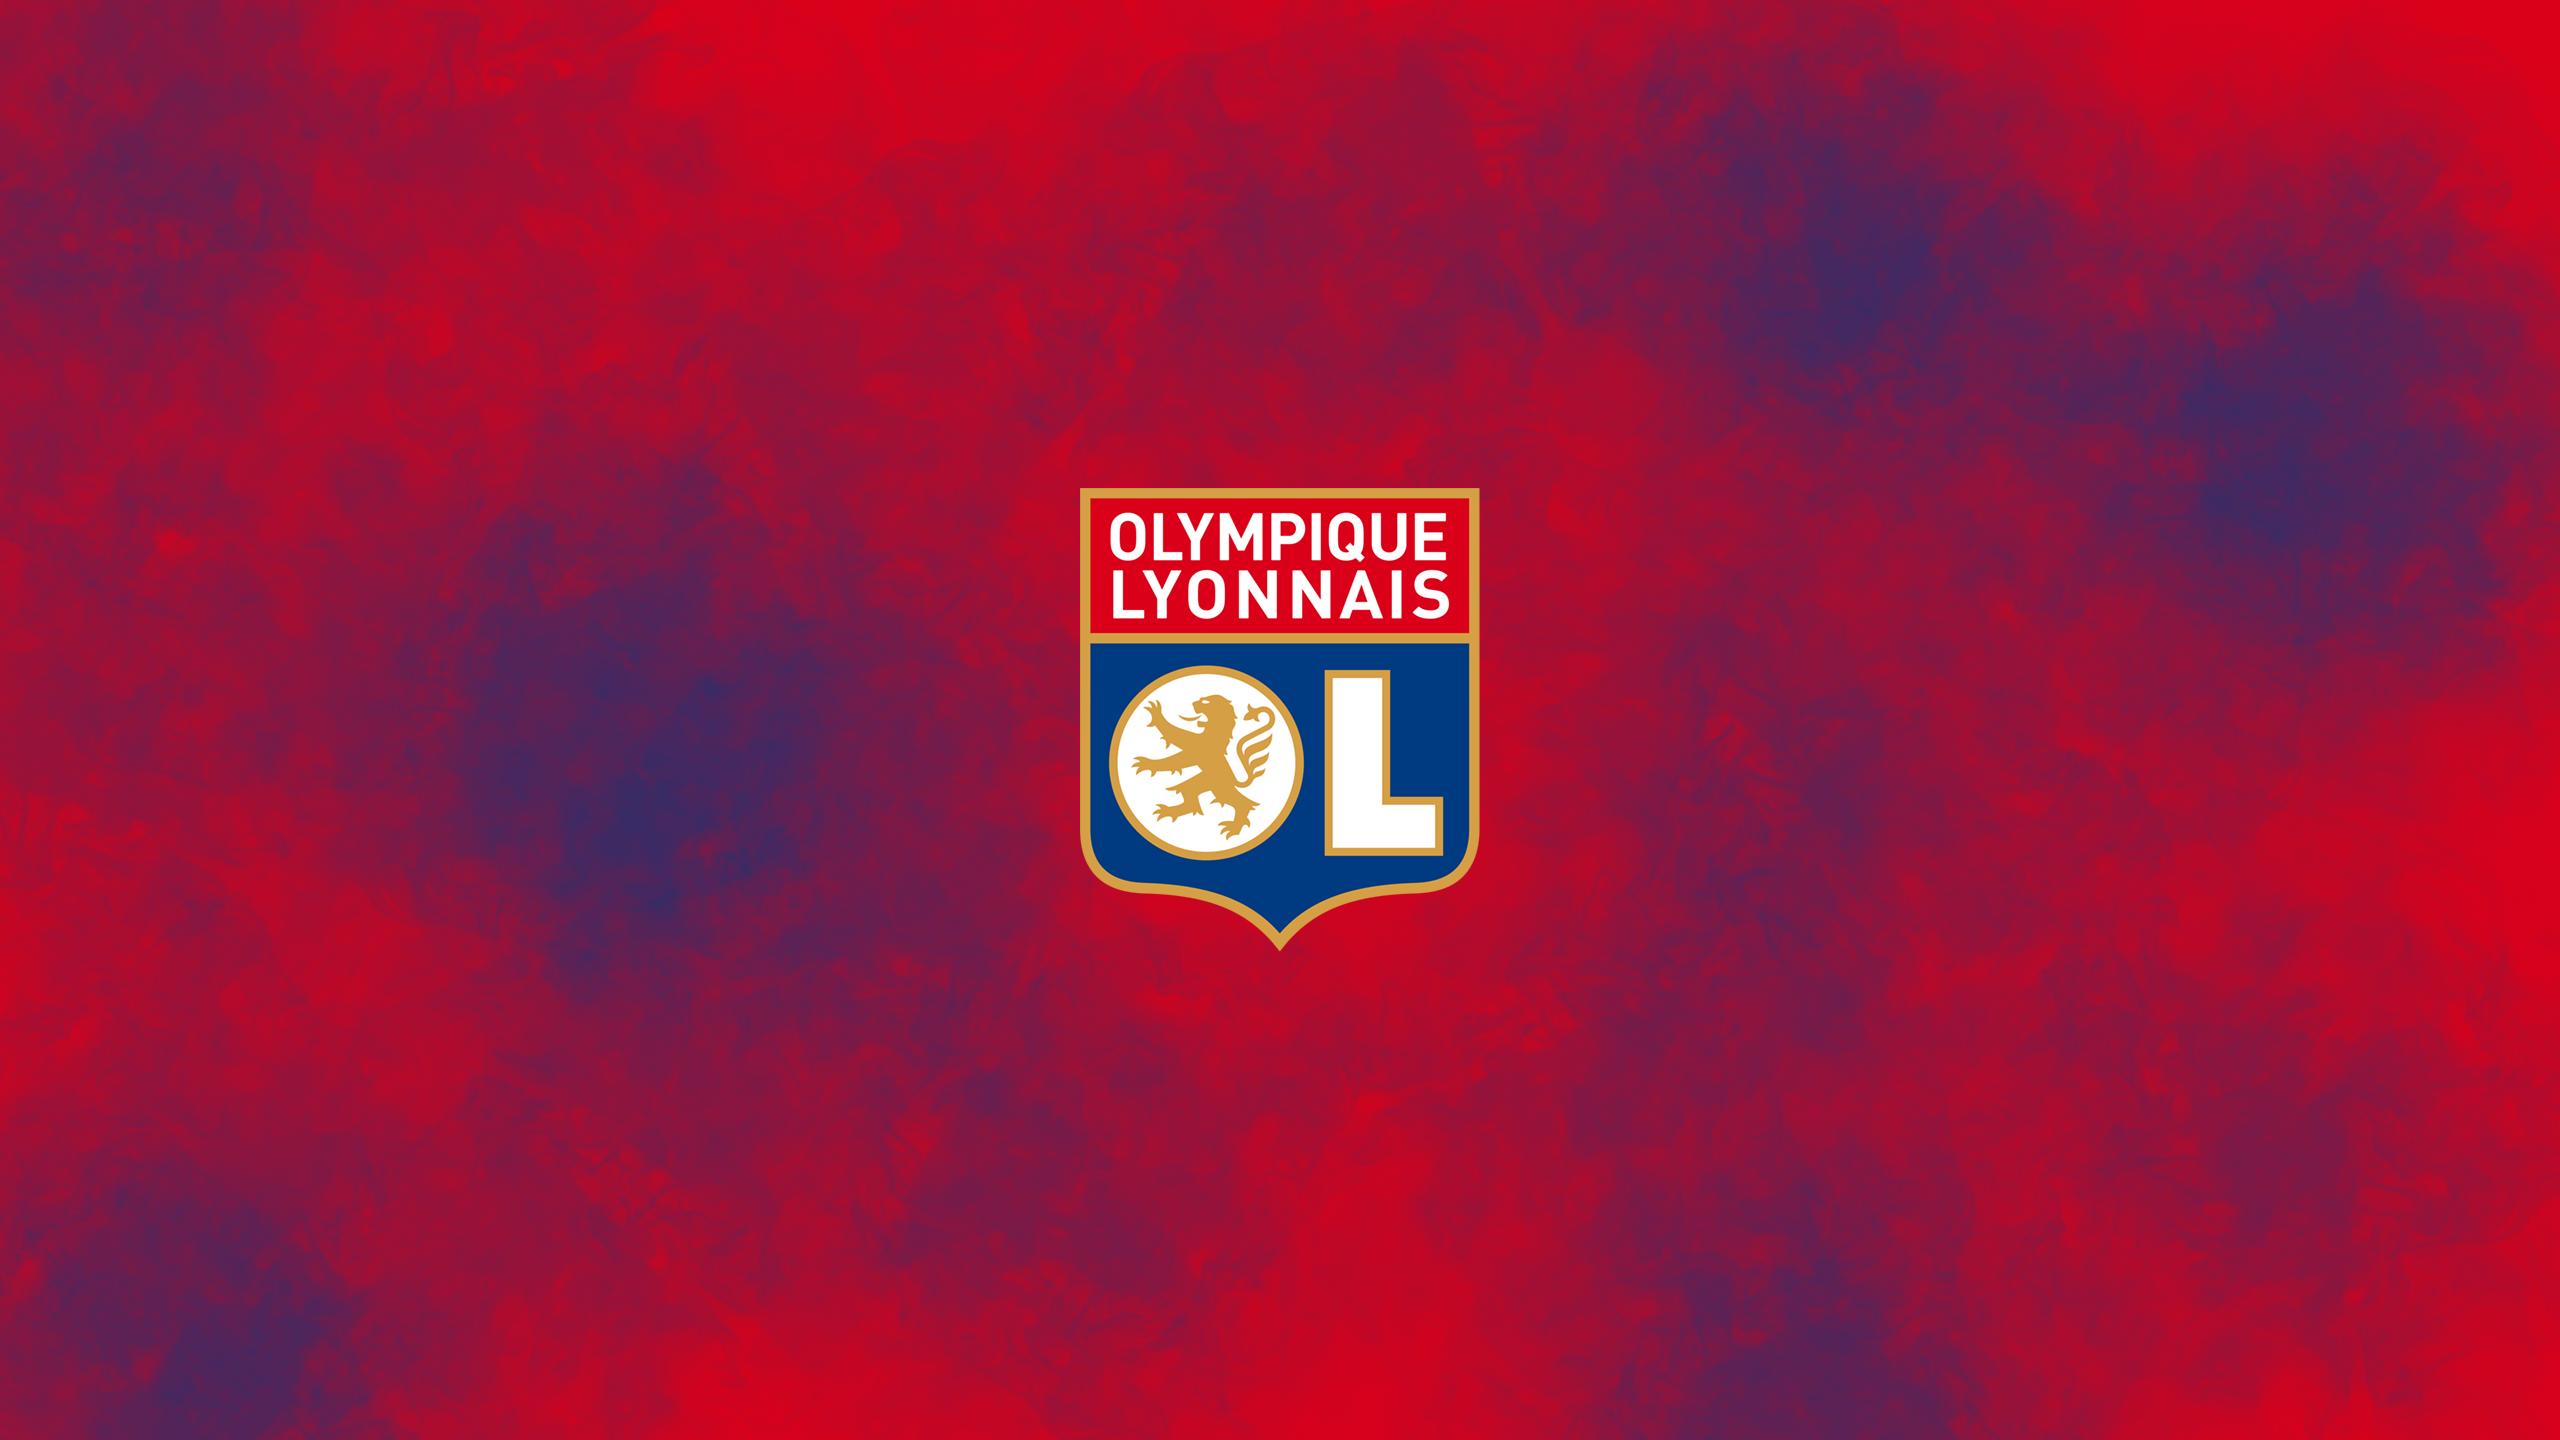 Lyon [Olympique Lyonnais] (Away)